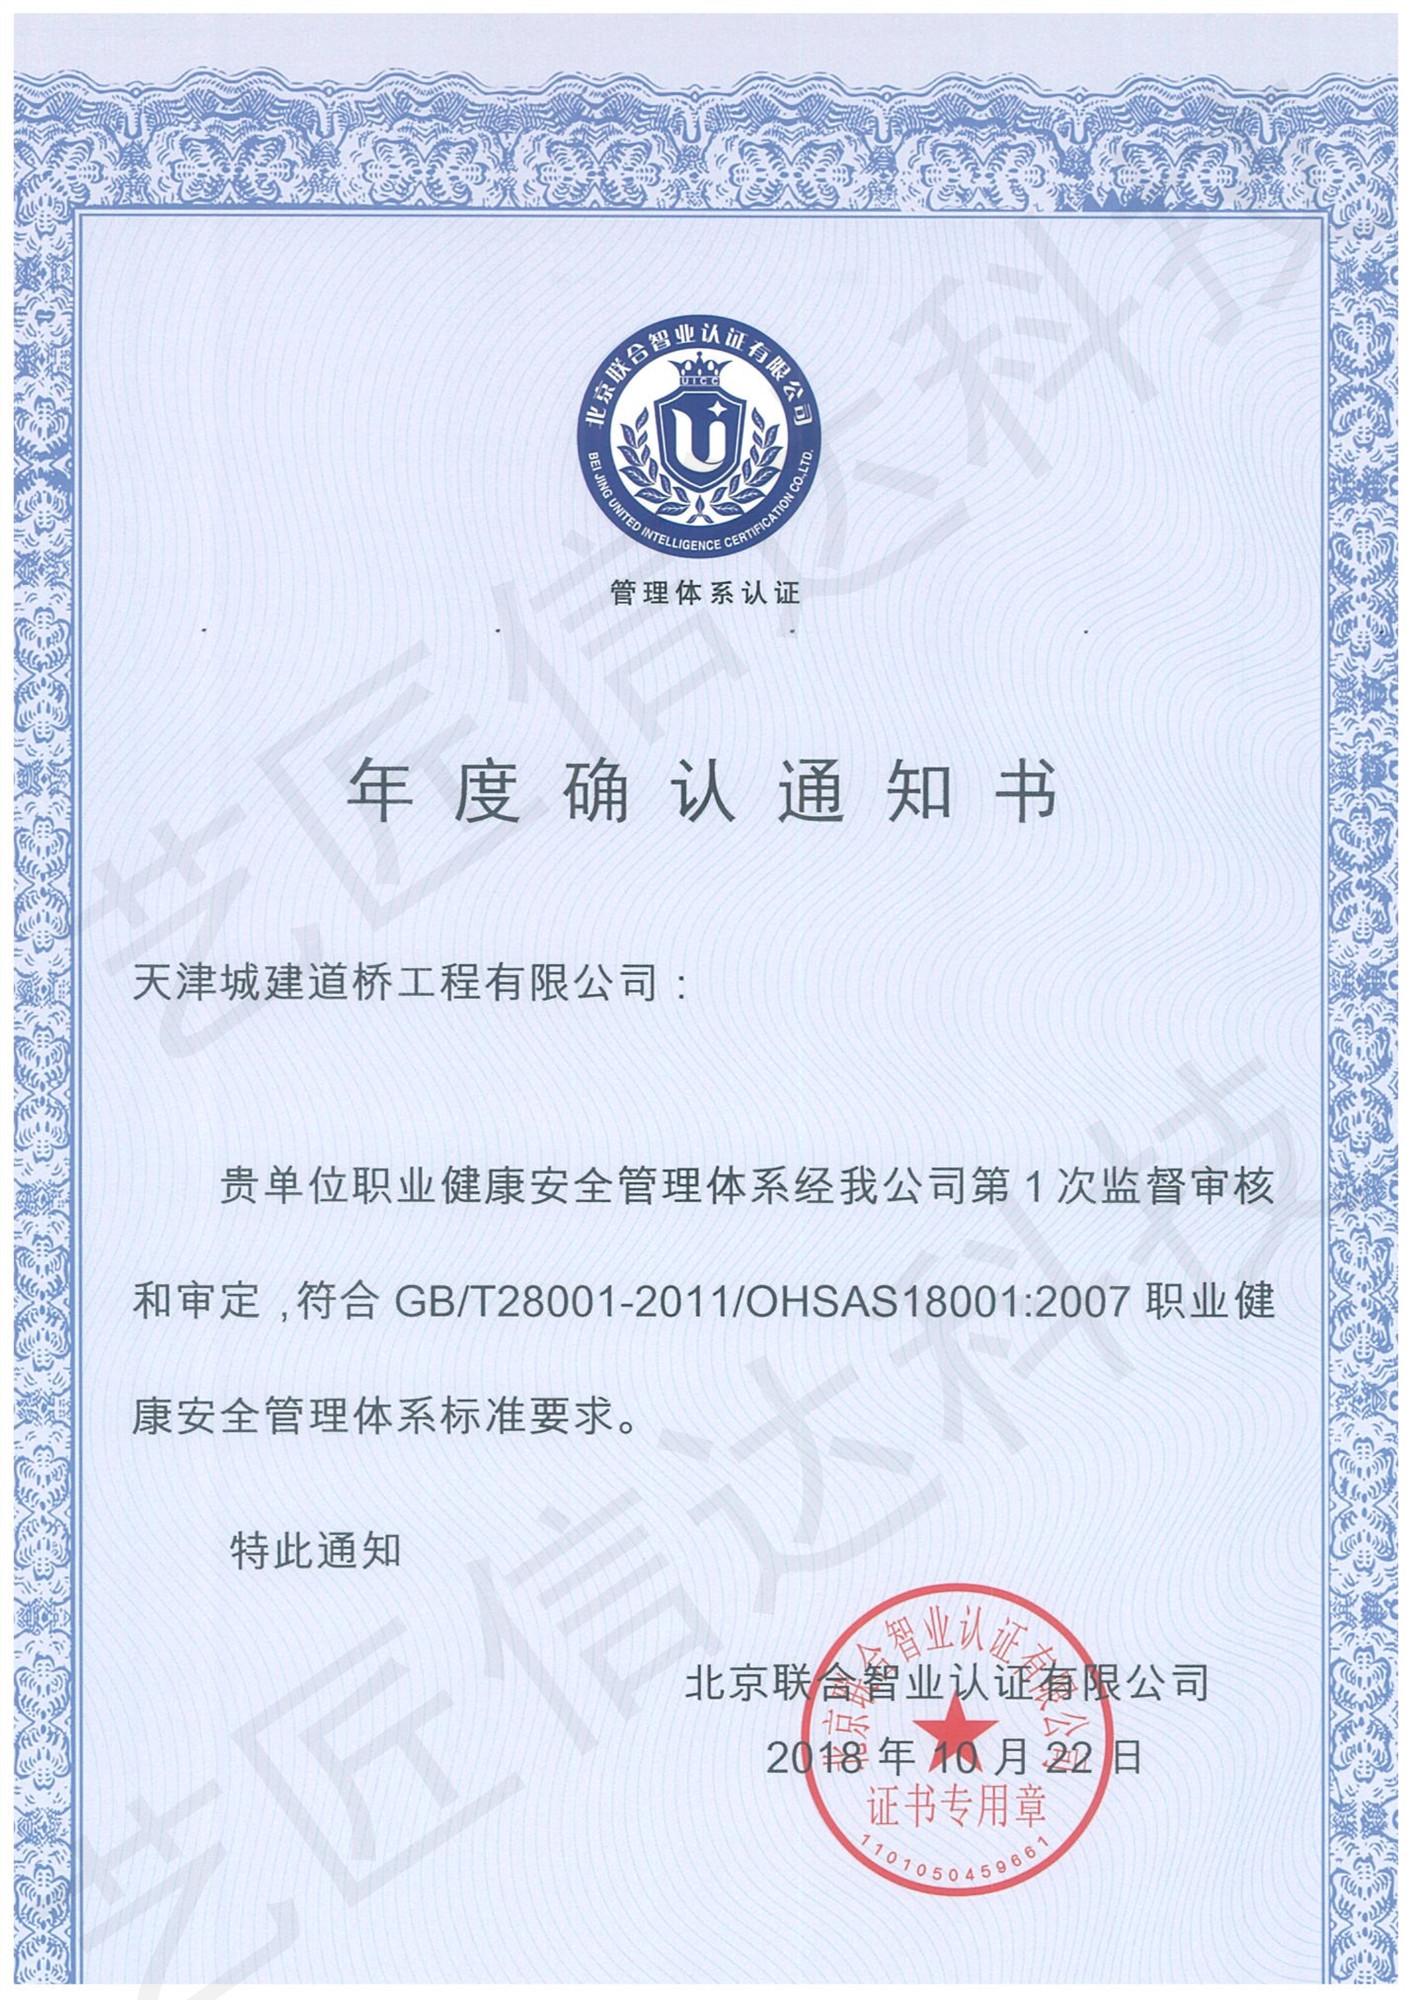 城建道桥-OHSAS18001认证案例